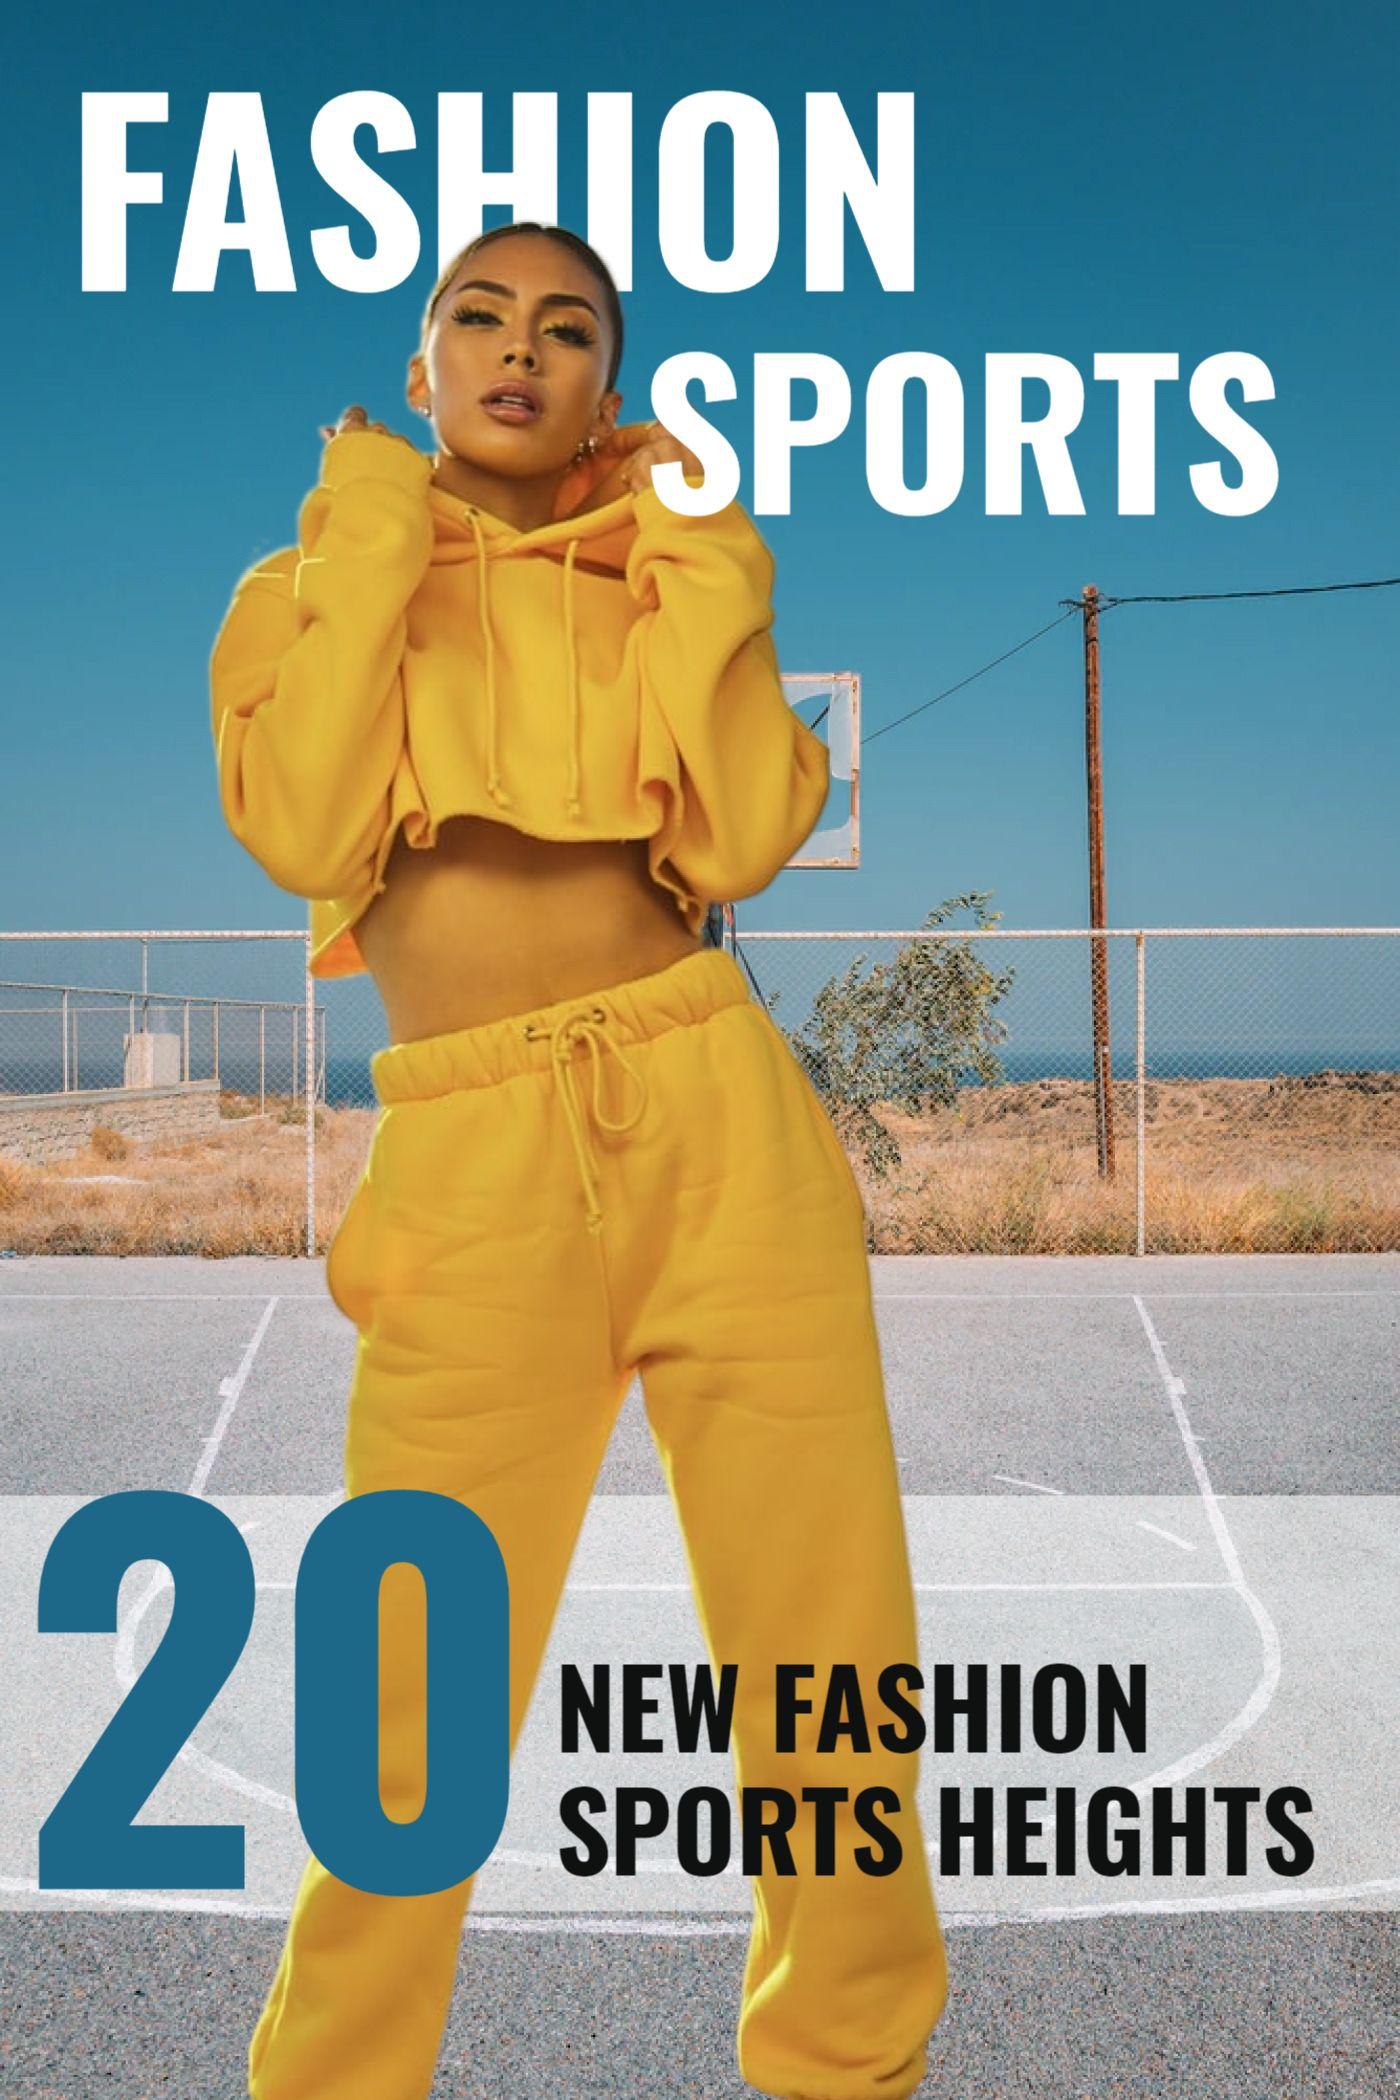 Fashion Sport Magazine Cover Template Design